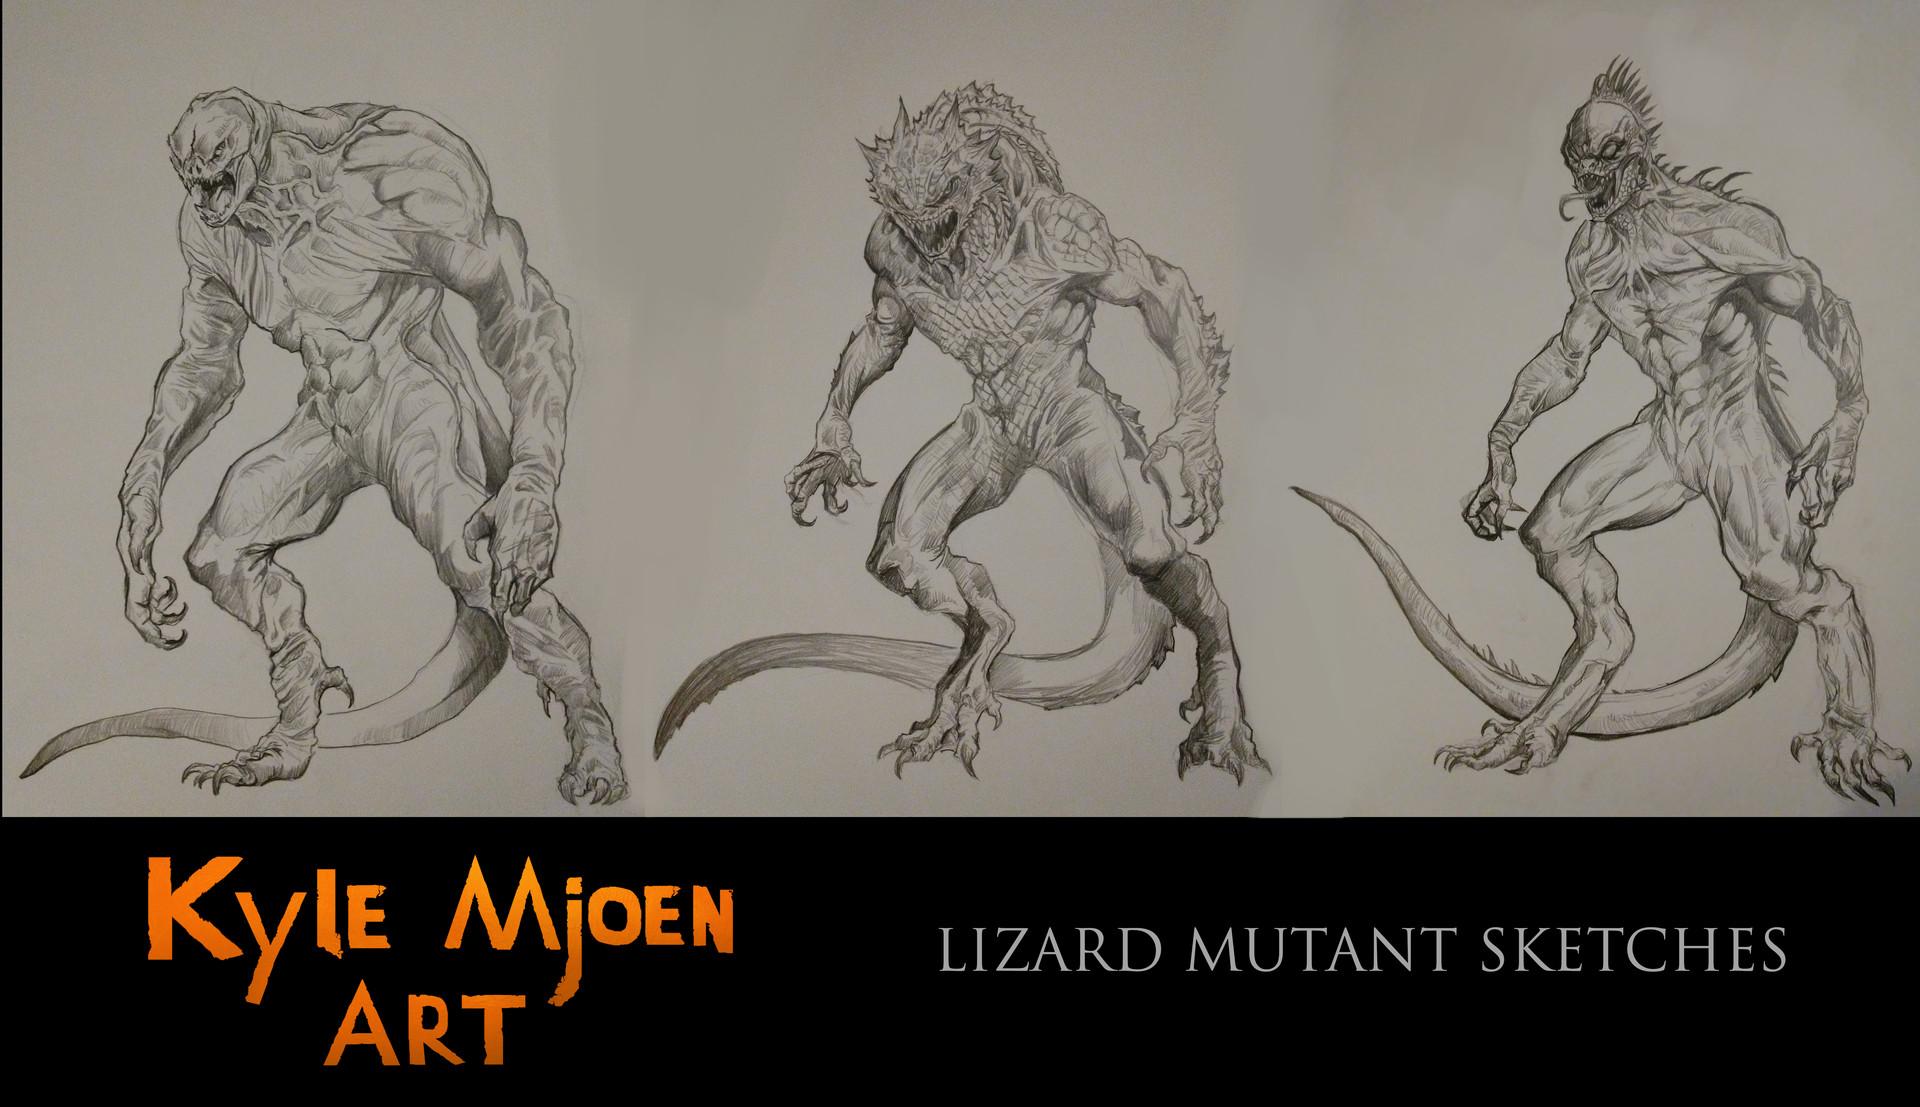 Kyle mjoen lizard mutant